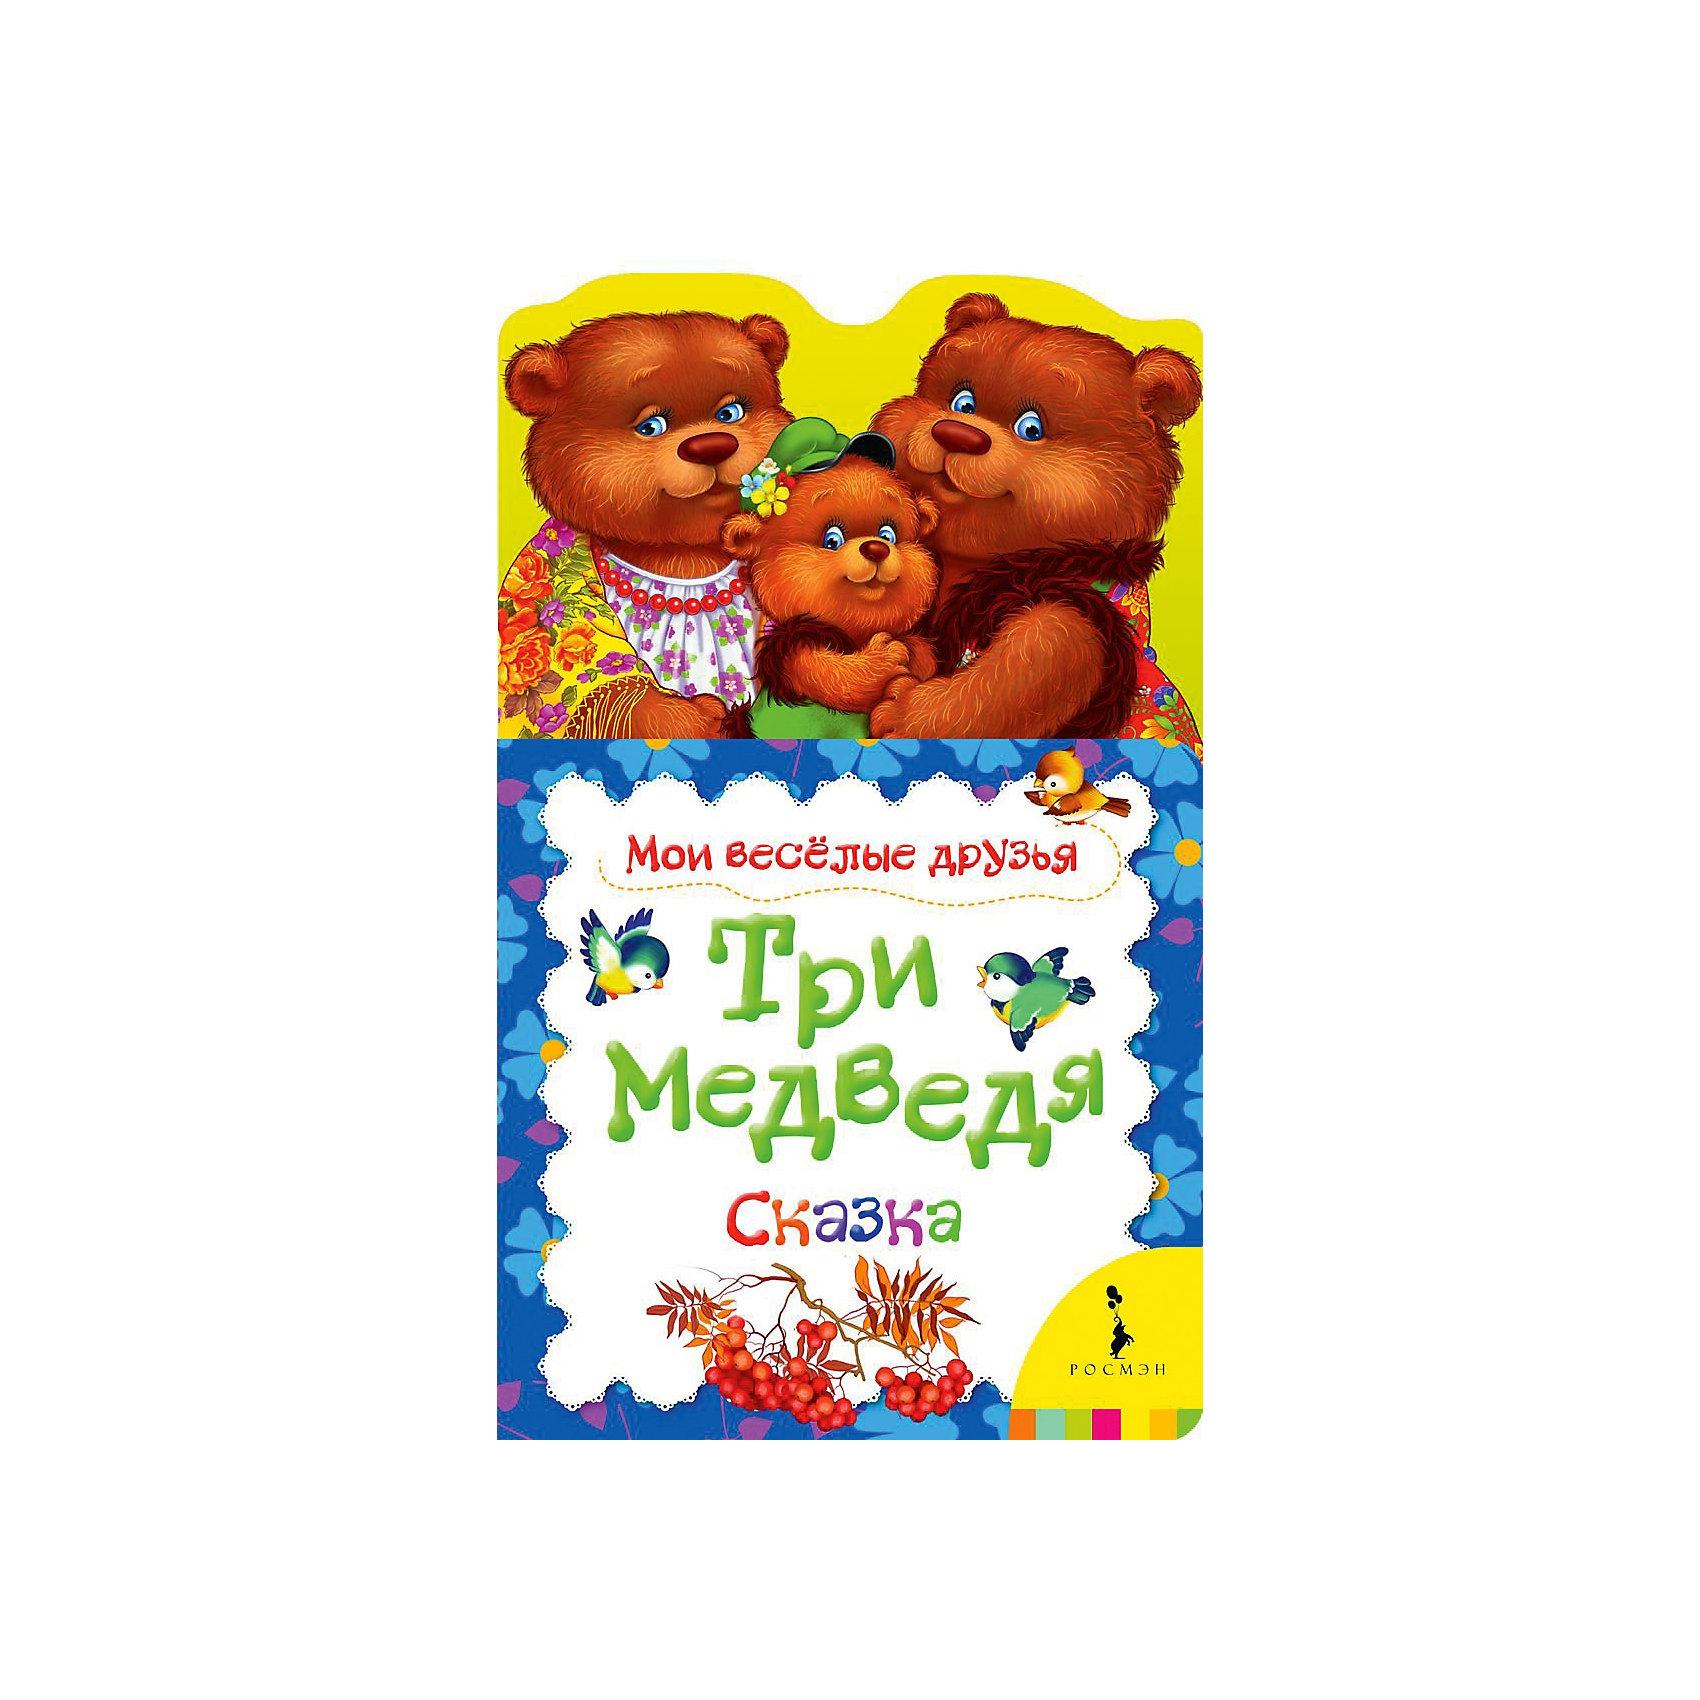 Росмэн Сказка Три медведя, Мои веселые друзья л толстой три медведя